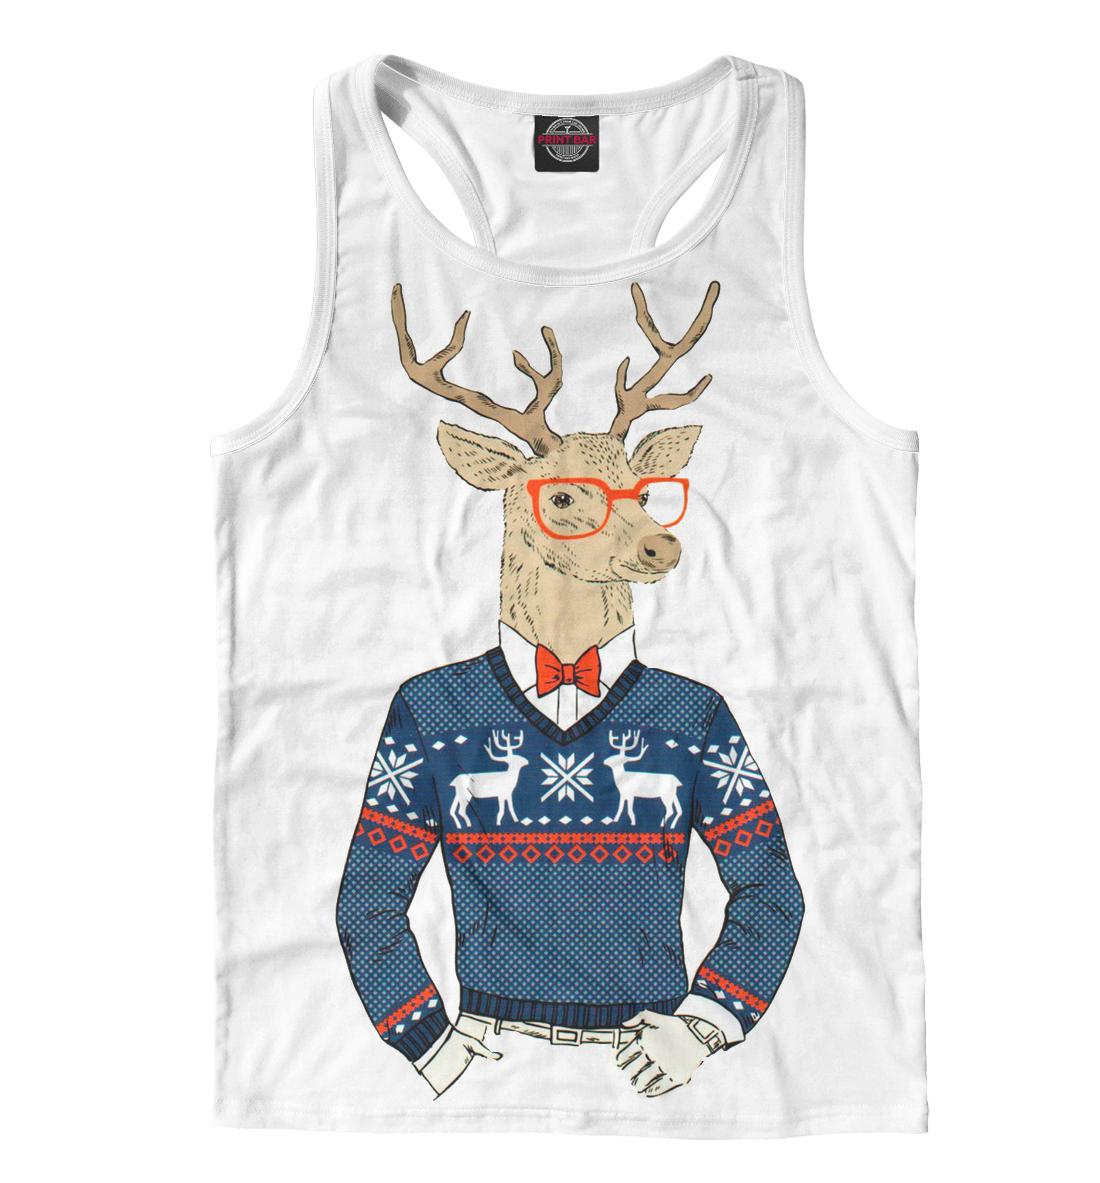 Купить Олень в свитере, Printbar, Майки борцовки, HIP-463815-mayb-2